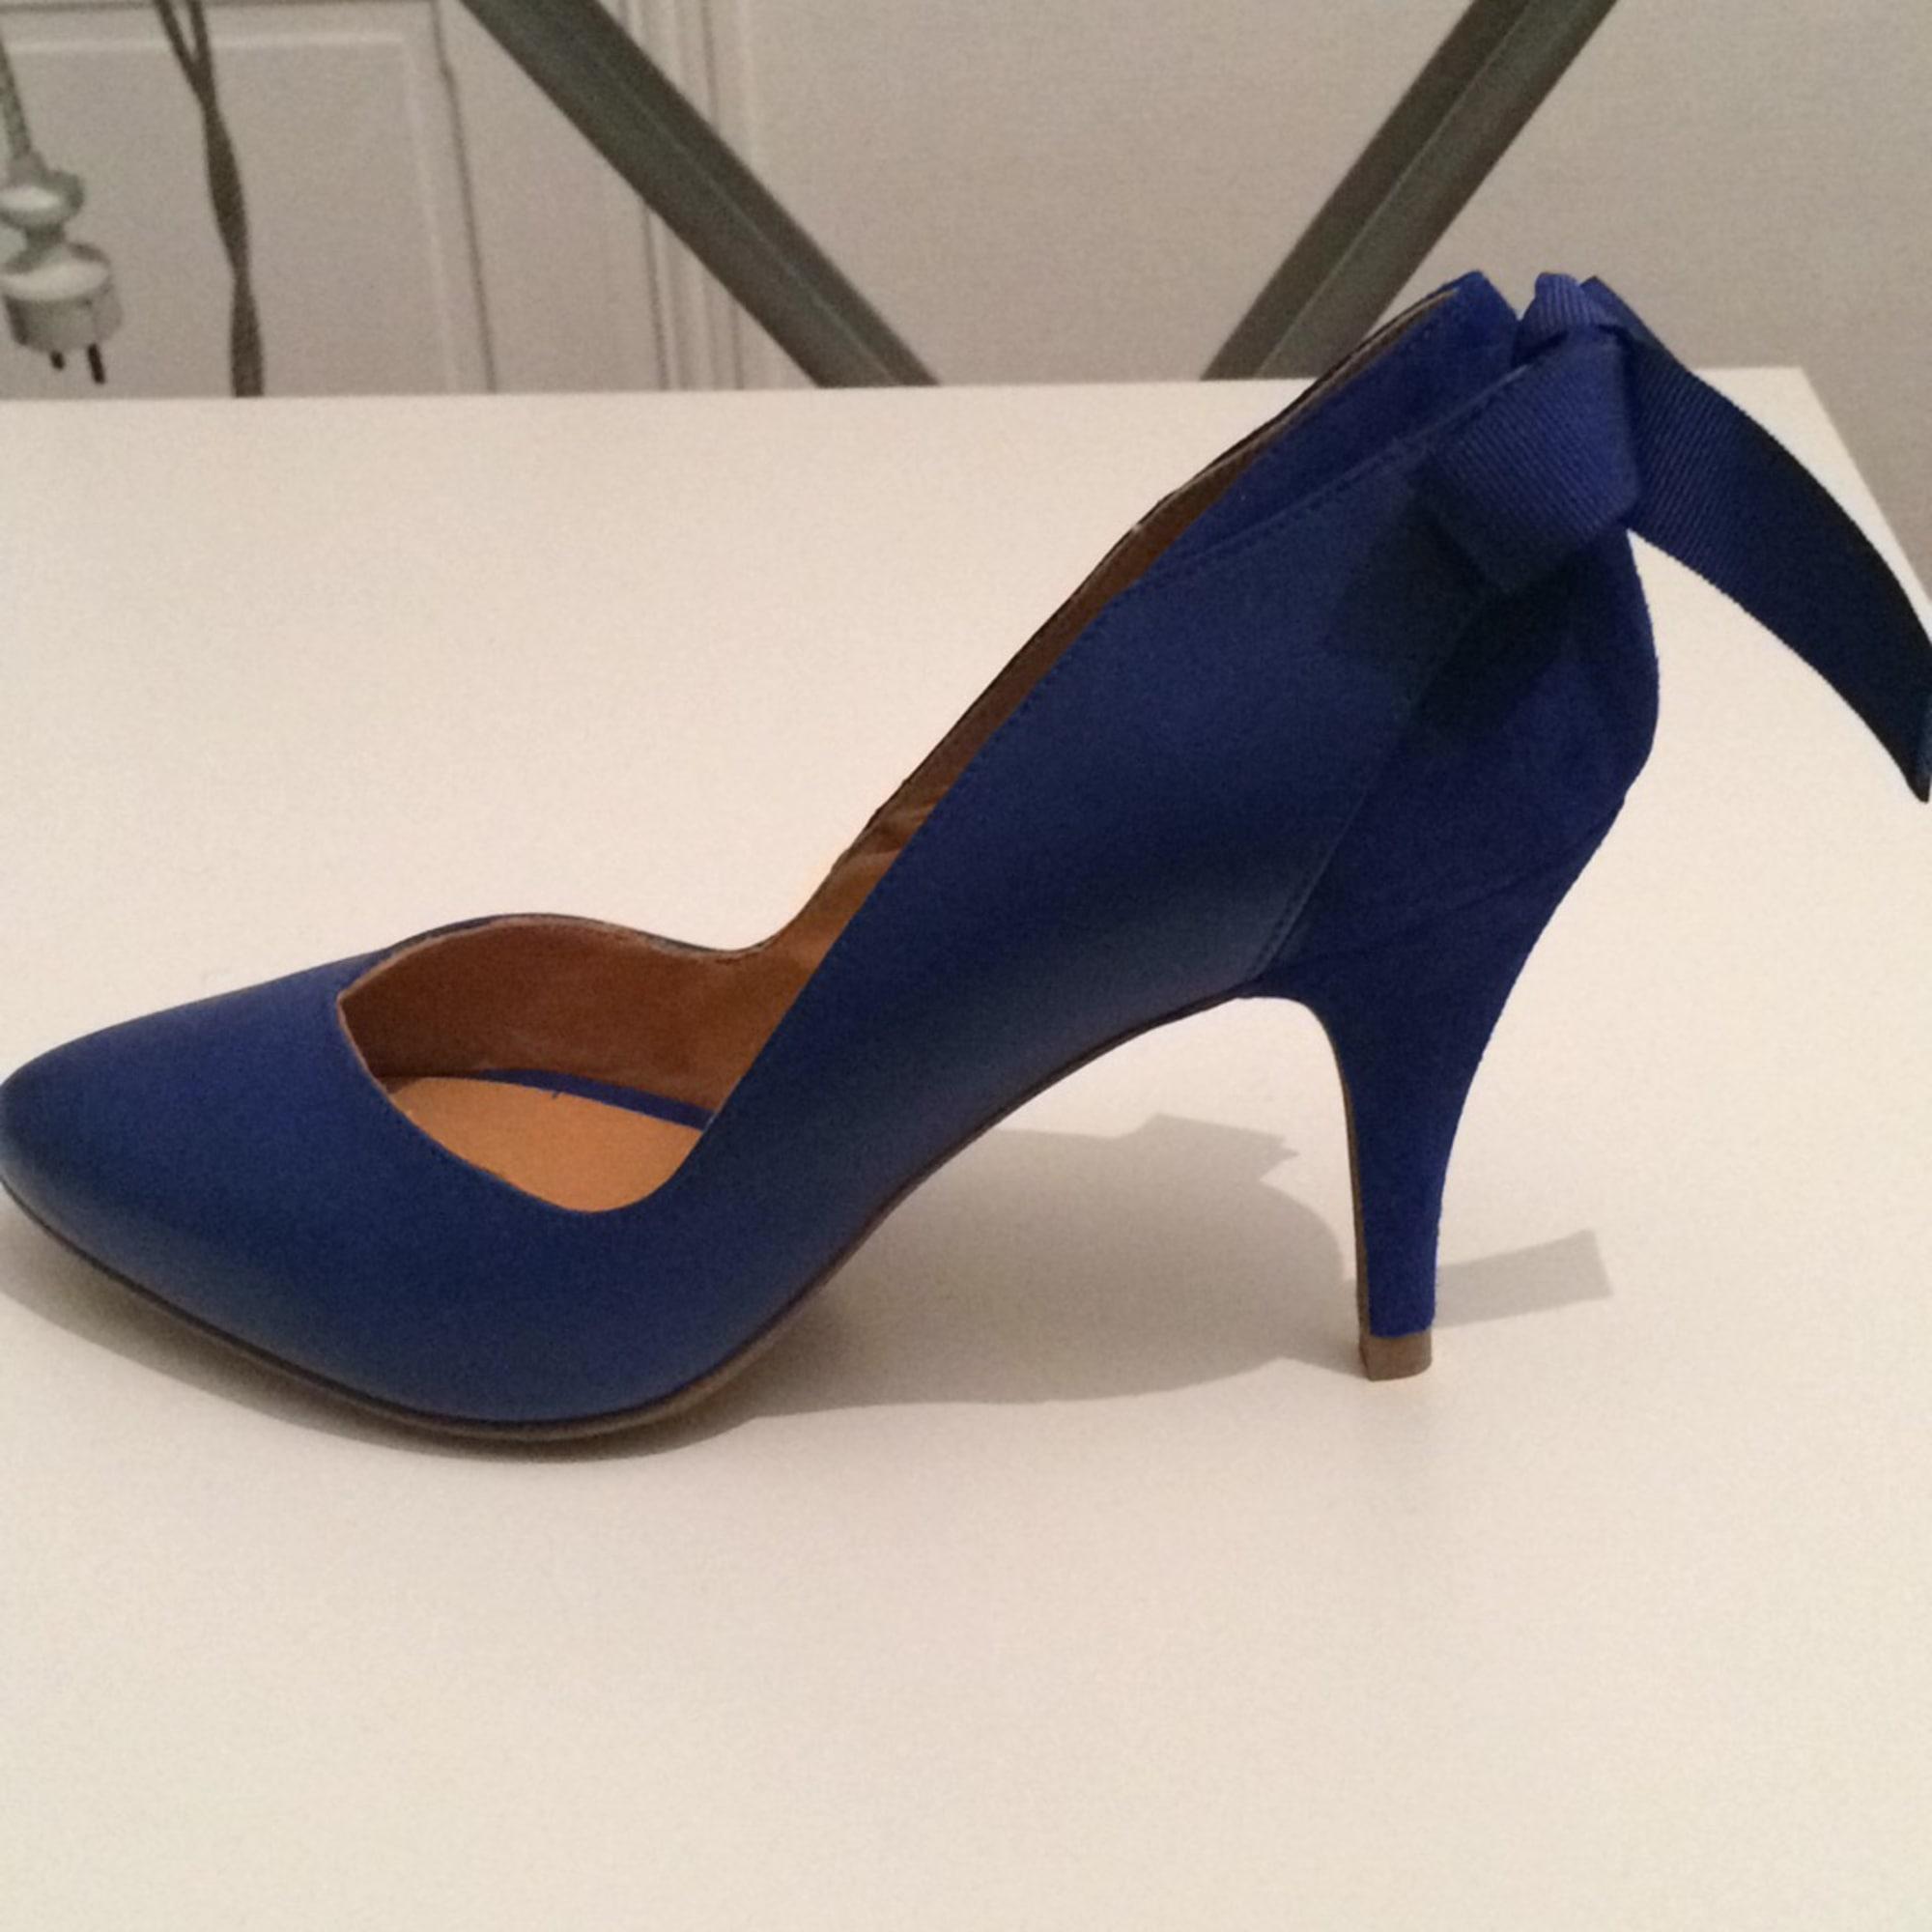 c18fd22d6ee Escarpins SÉZANE 38 bleu vendu par Iness17 - 4442278